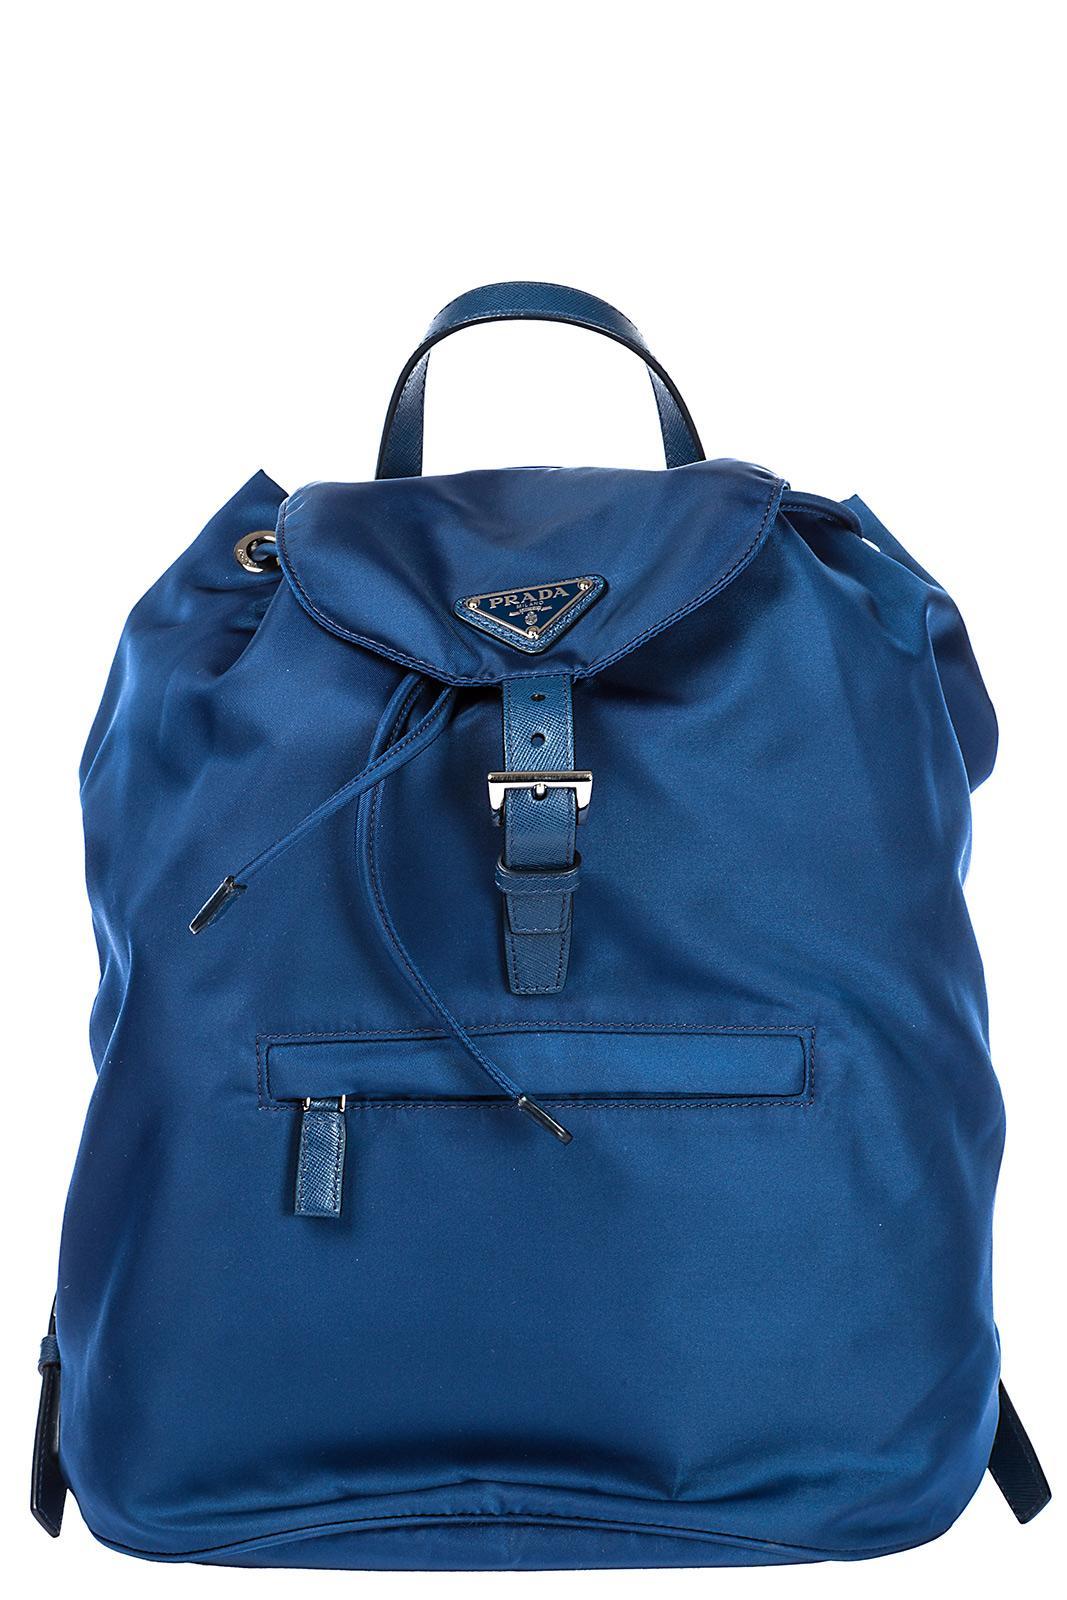 Prada Men's Nylon Rucksack Backpack Travel In Blue